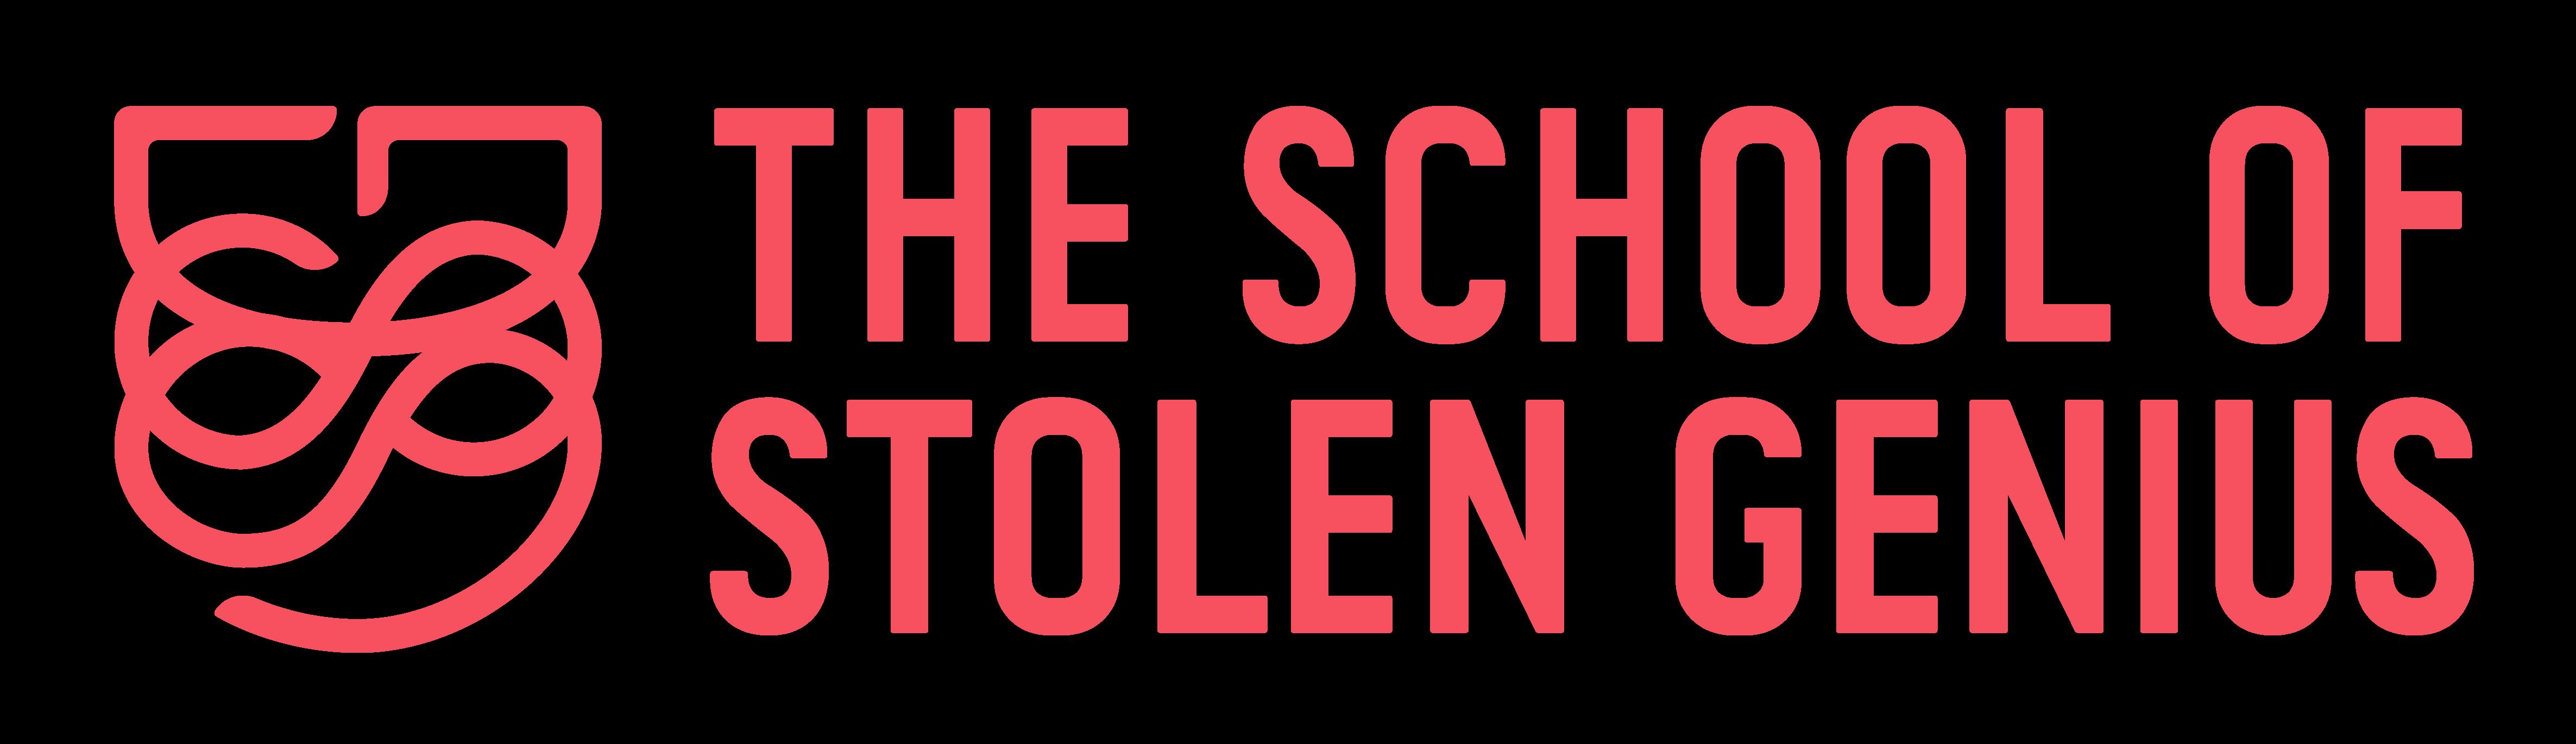 The School of Stolen Genius